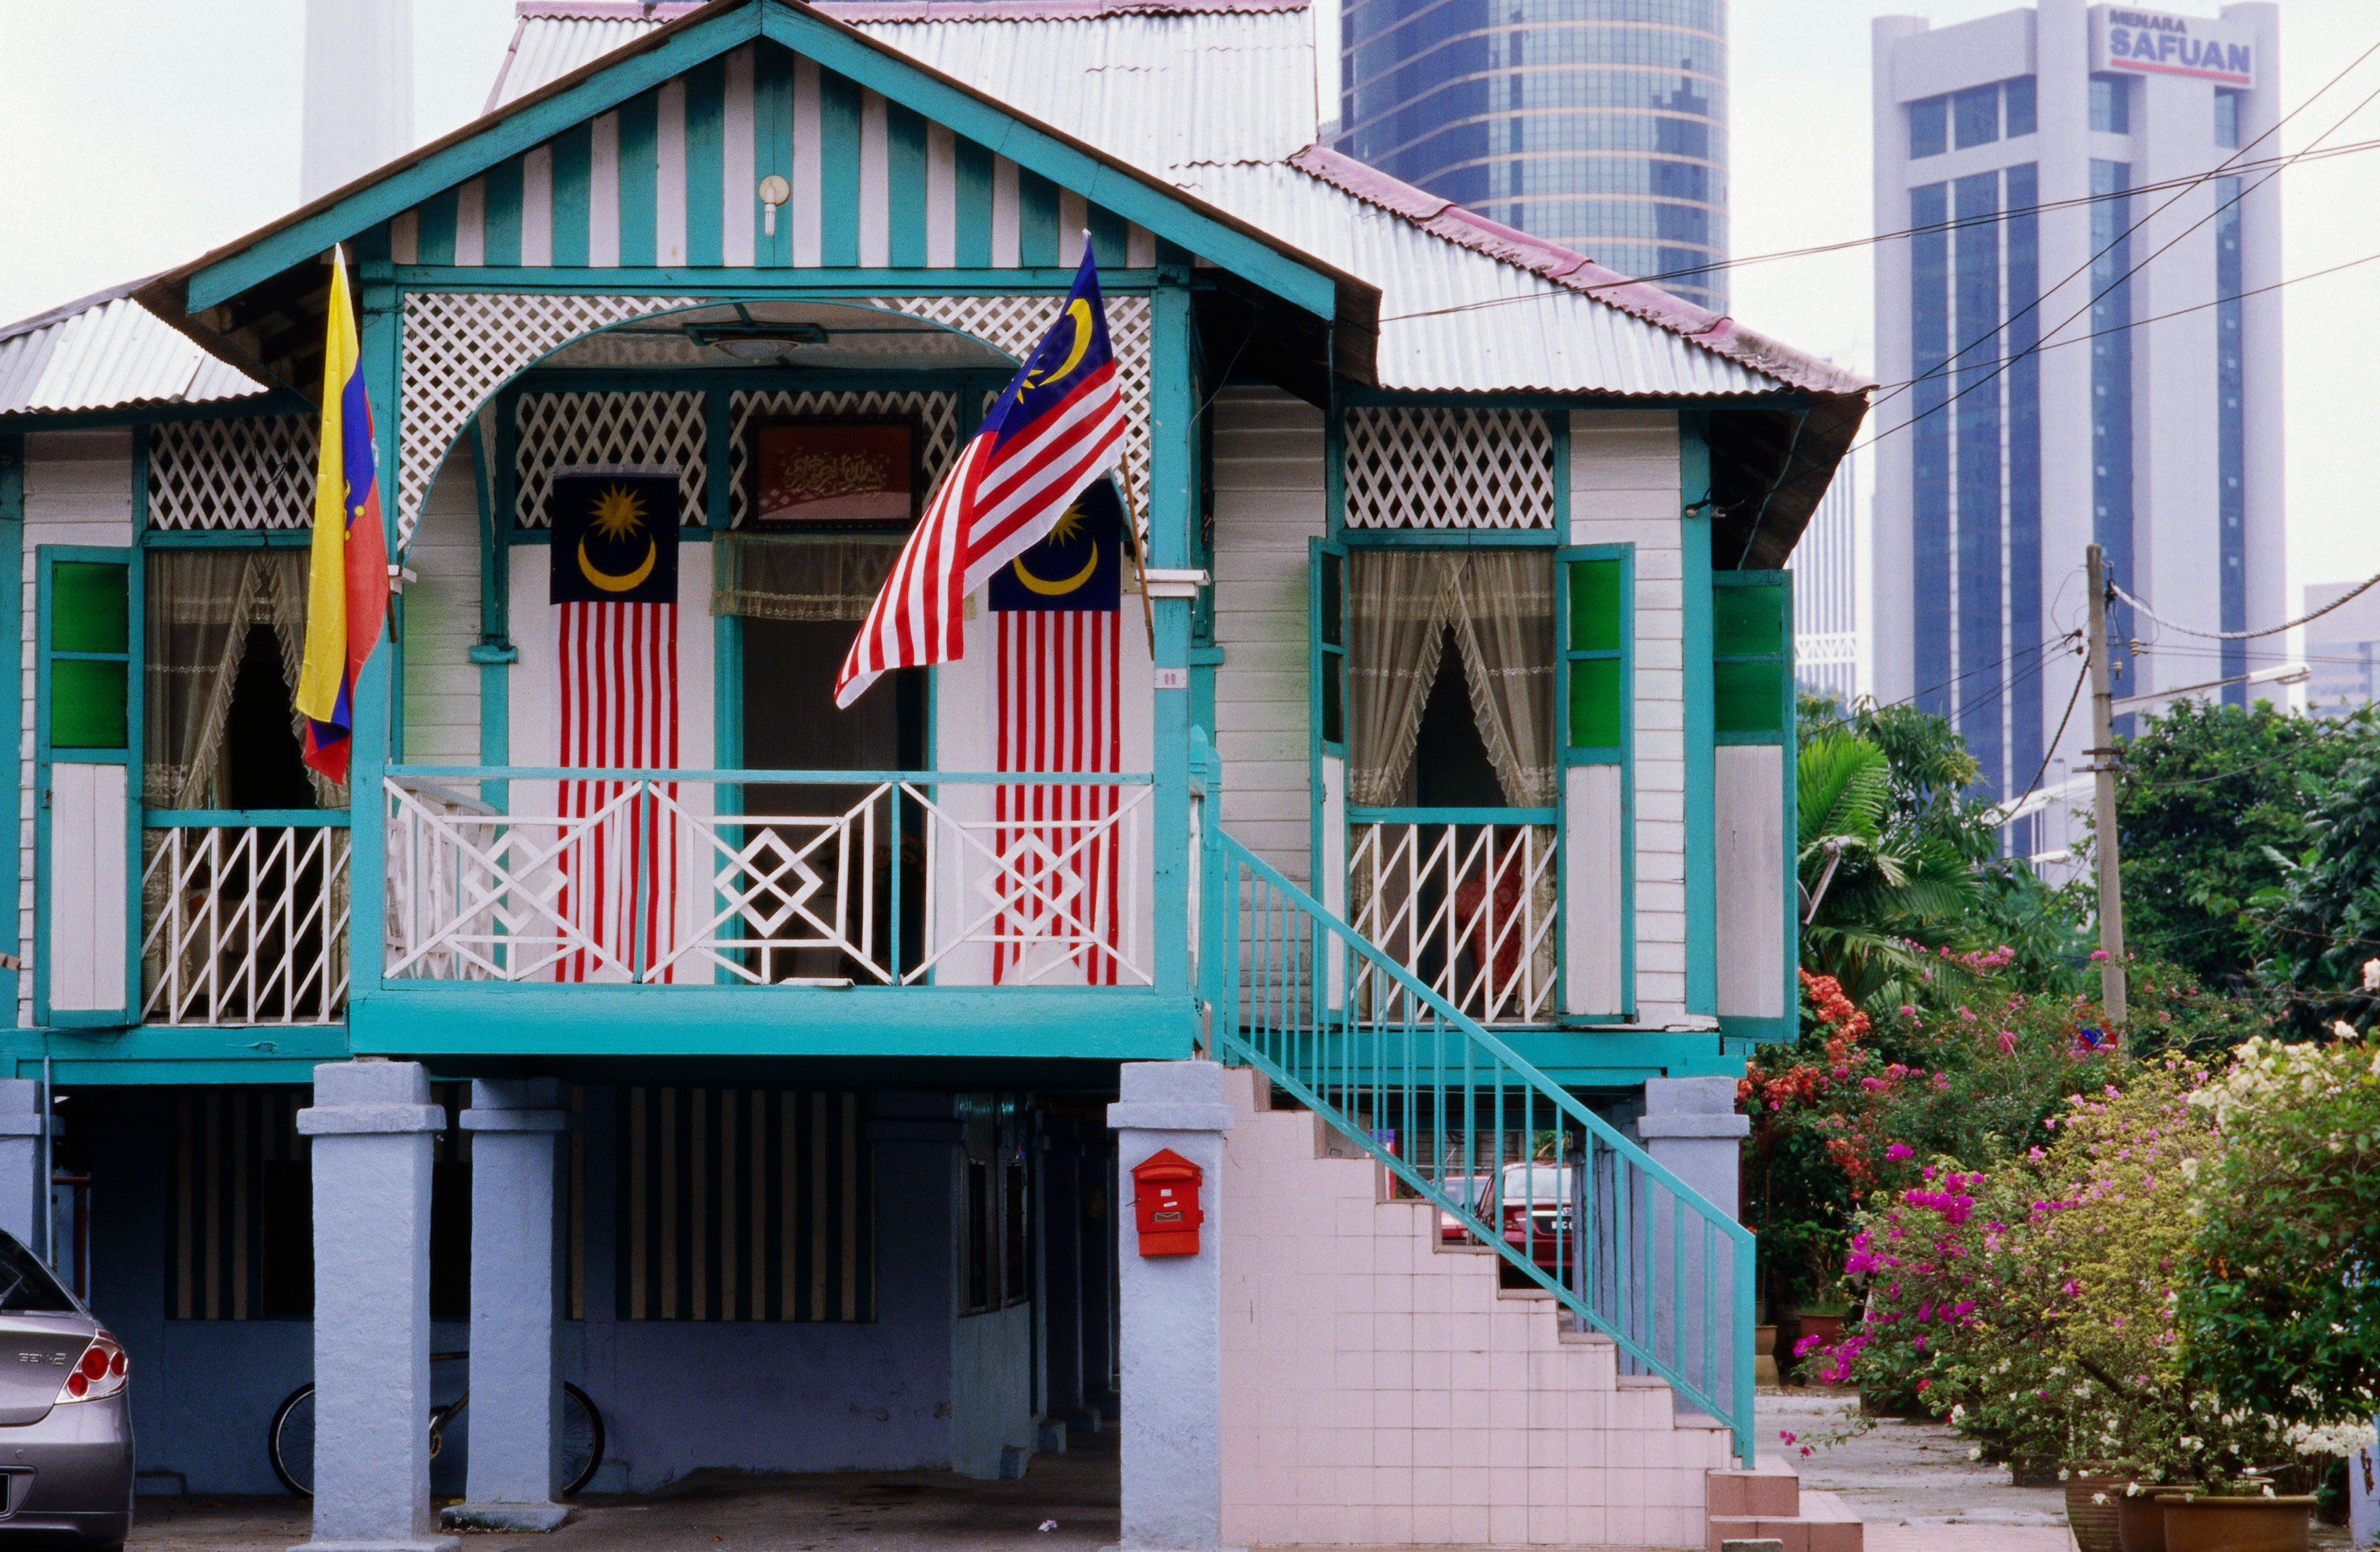 Traditional house in Kampung Baru, neighborhood in KL